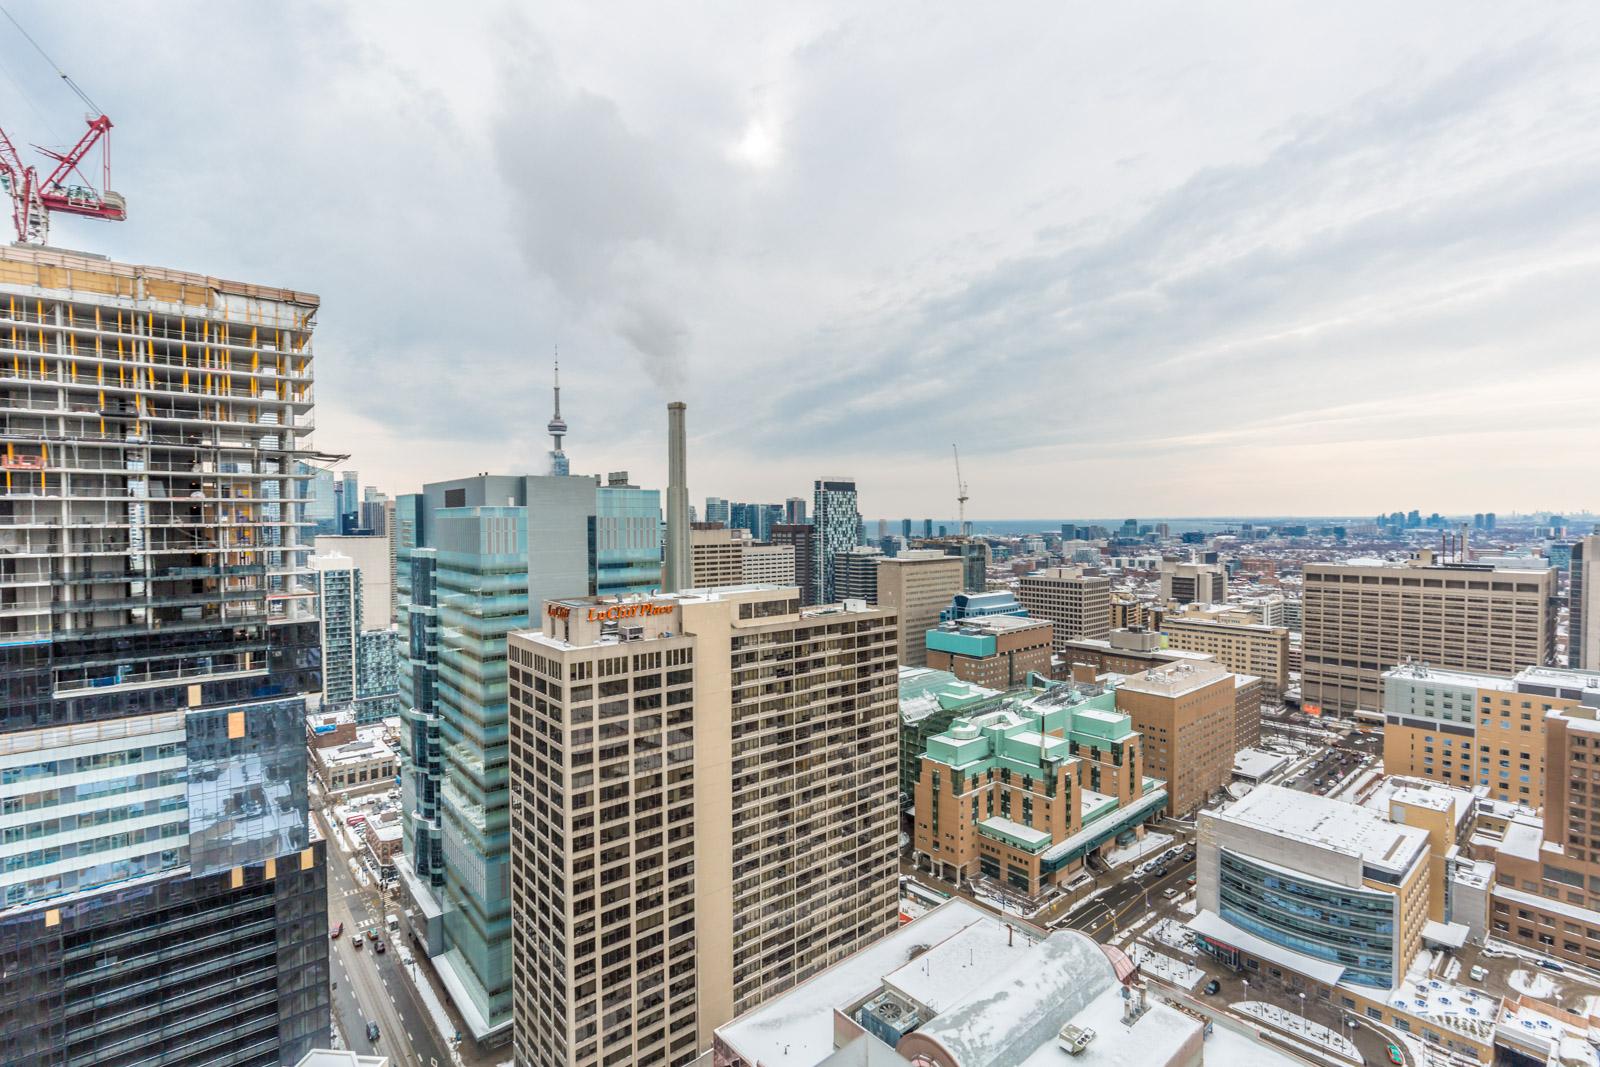 Sky view of Toronto